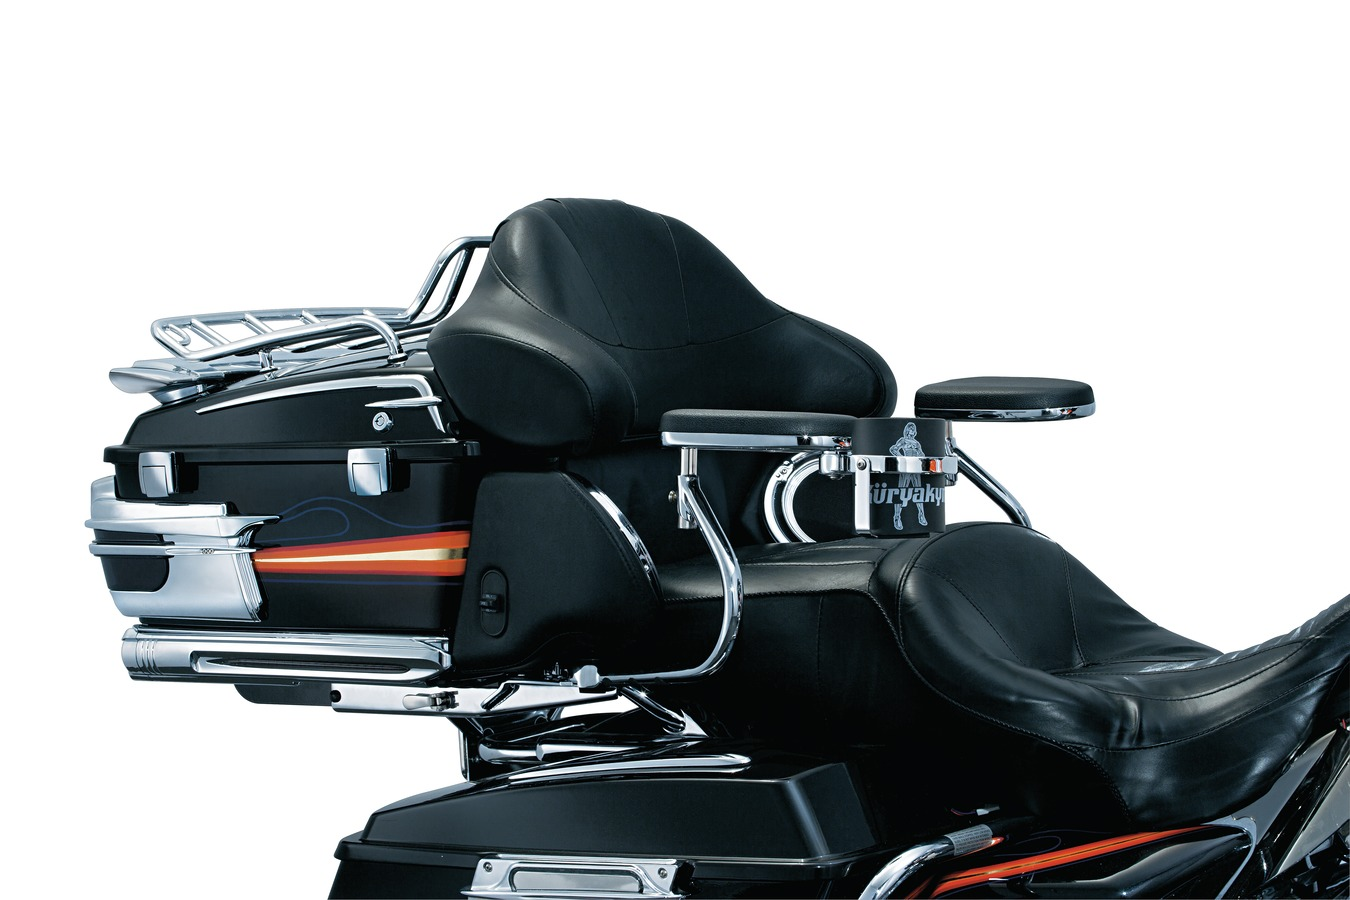 クリアキン QUICK-DETACHクイックデタッチャブル パッセンジャー アームレスト 取り付け ドリンクホルダー付き